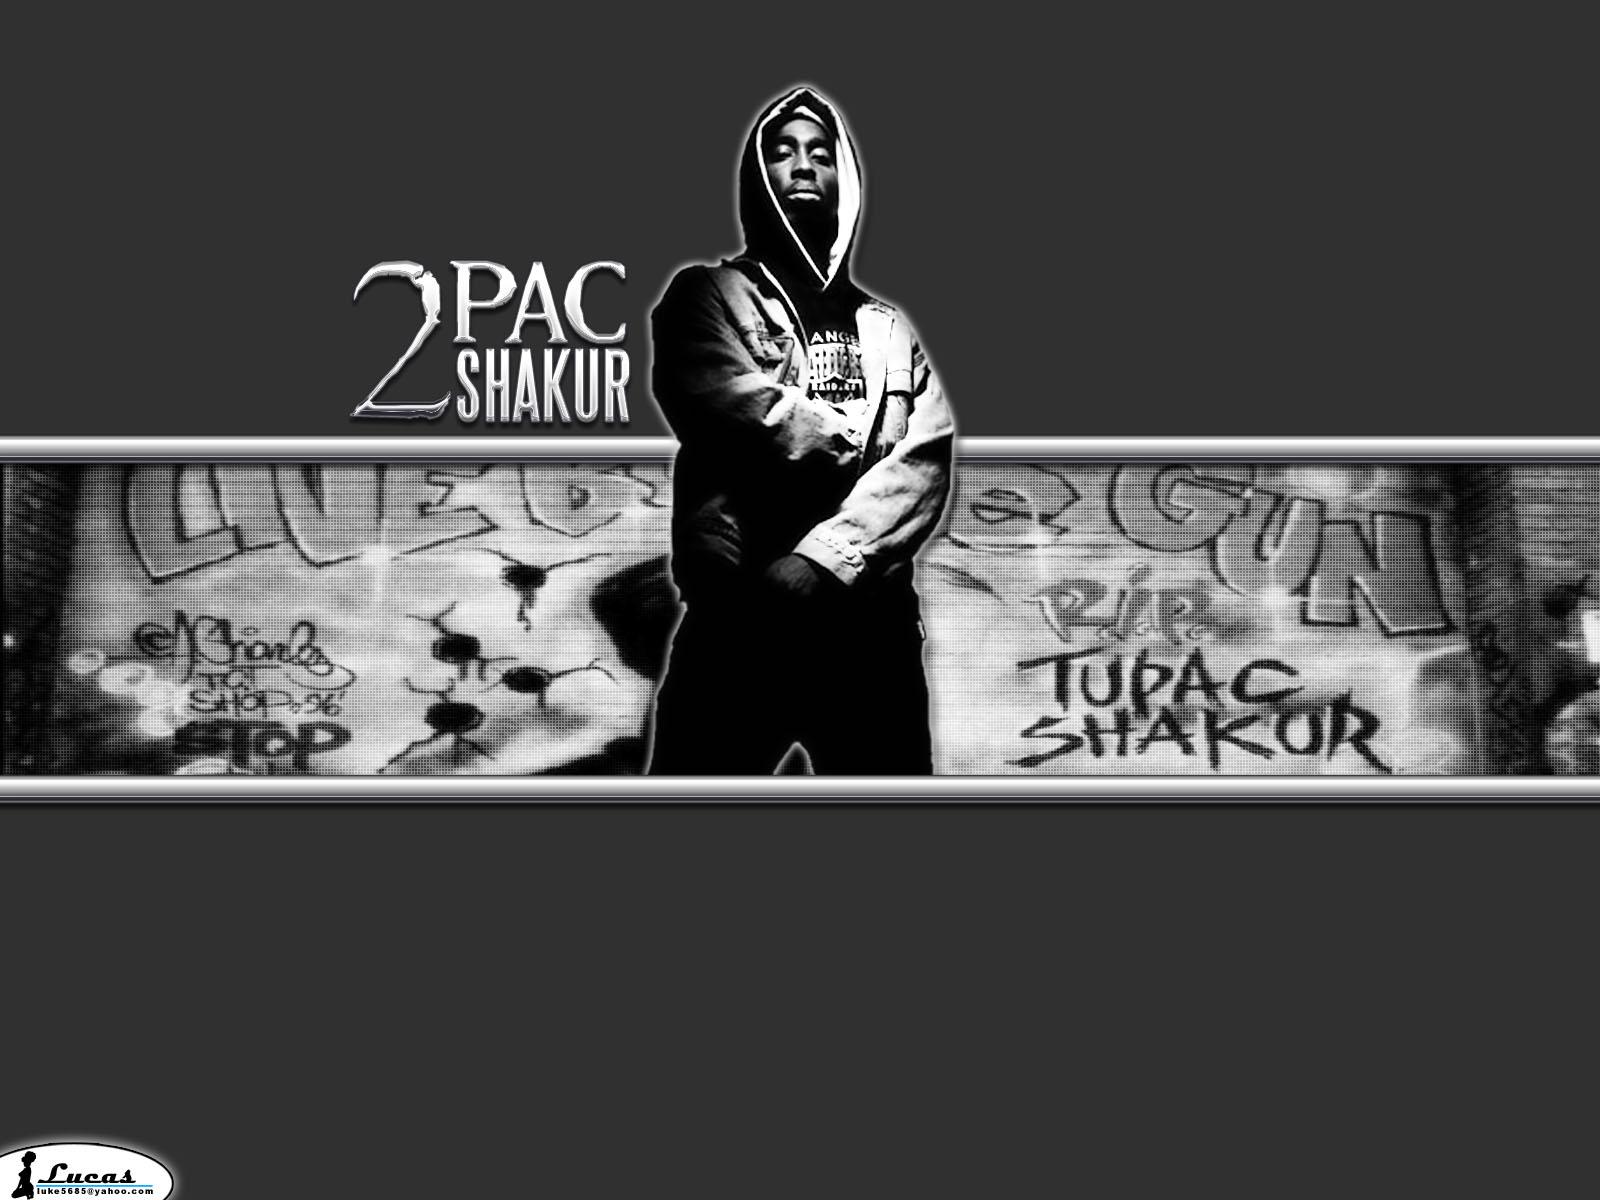 Thug life hd wallpaper wallpapersafari - Thug life wallpaper ...